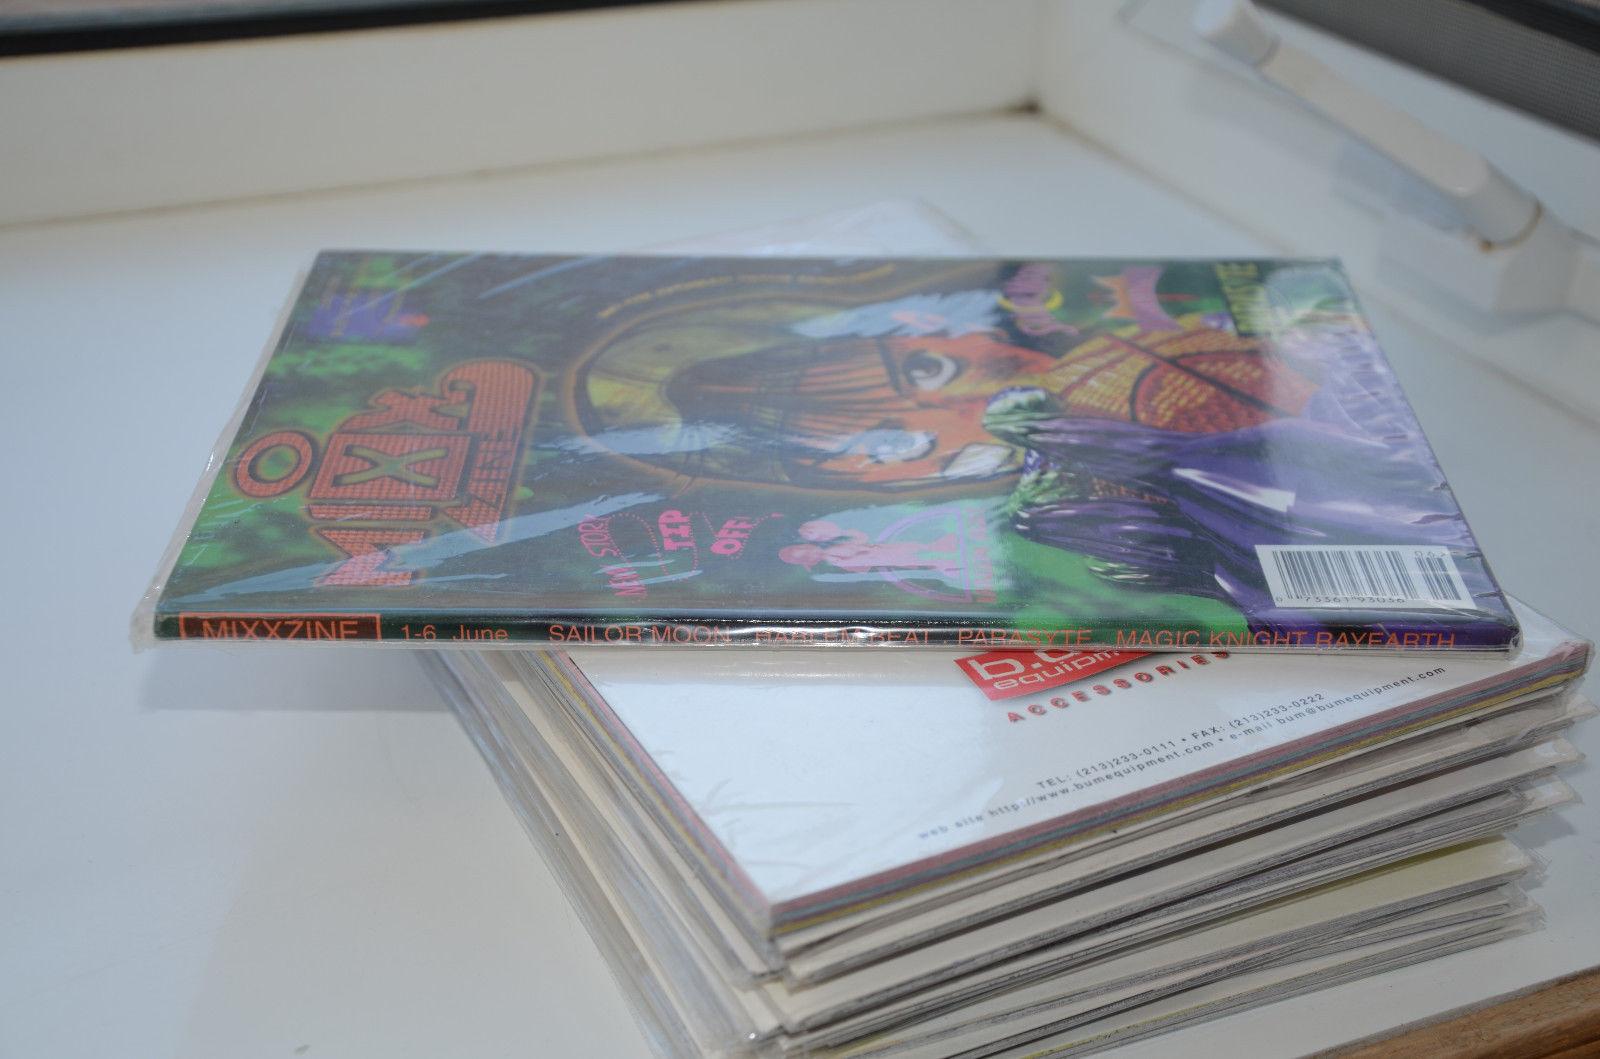 MixxZine comic manga 1 - 6 June 1998 Sailor Moon Parasyte Rayearth Harlem Beat image 2